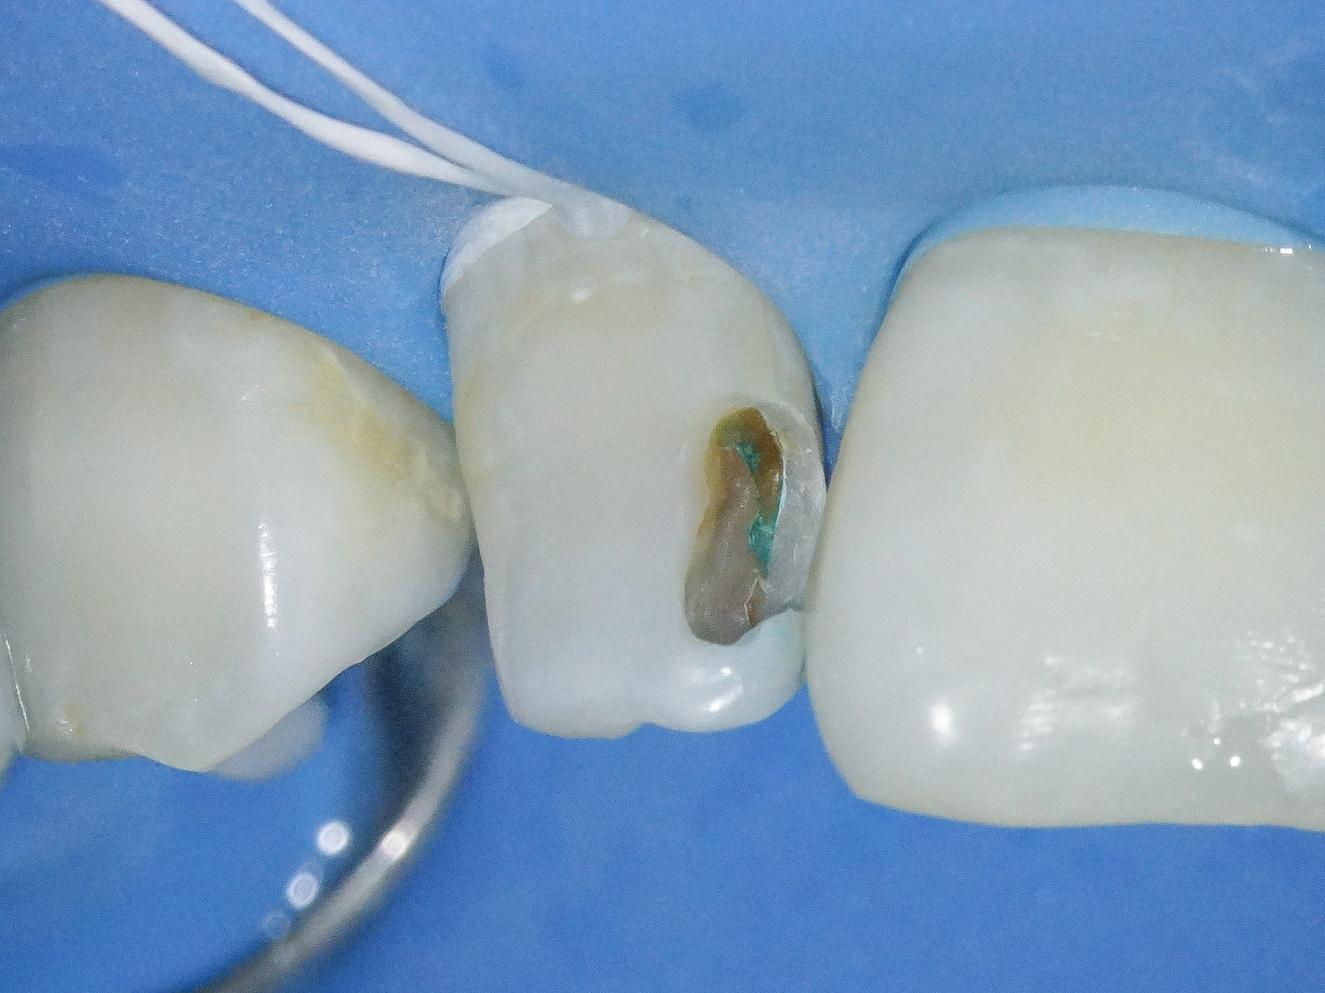 【症例】部分矯正+ホワイトニング+すきっ歯治療 治療方法08